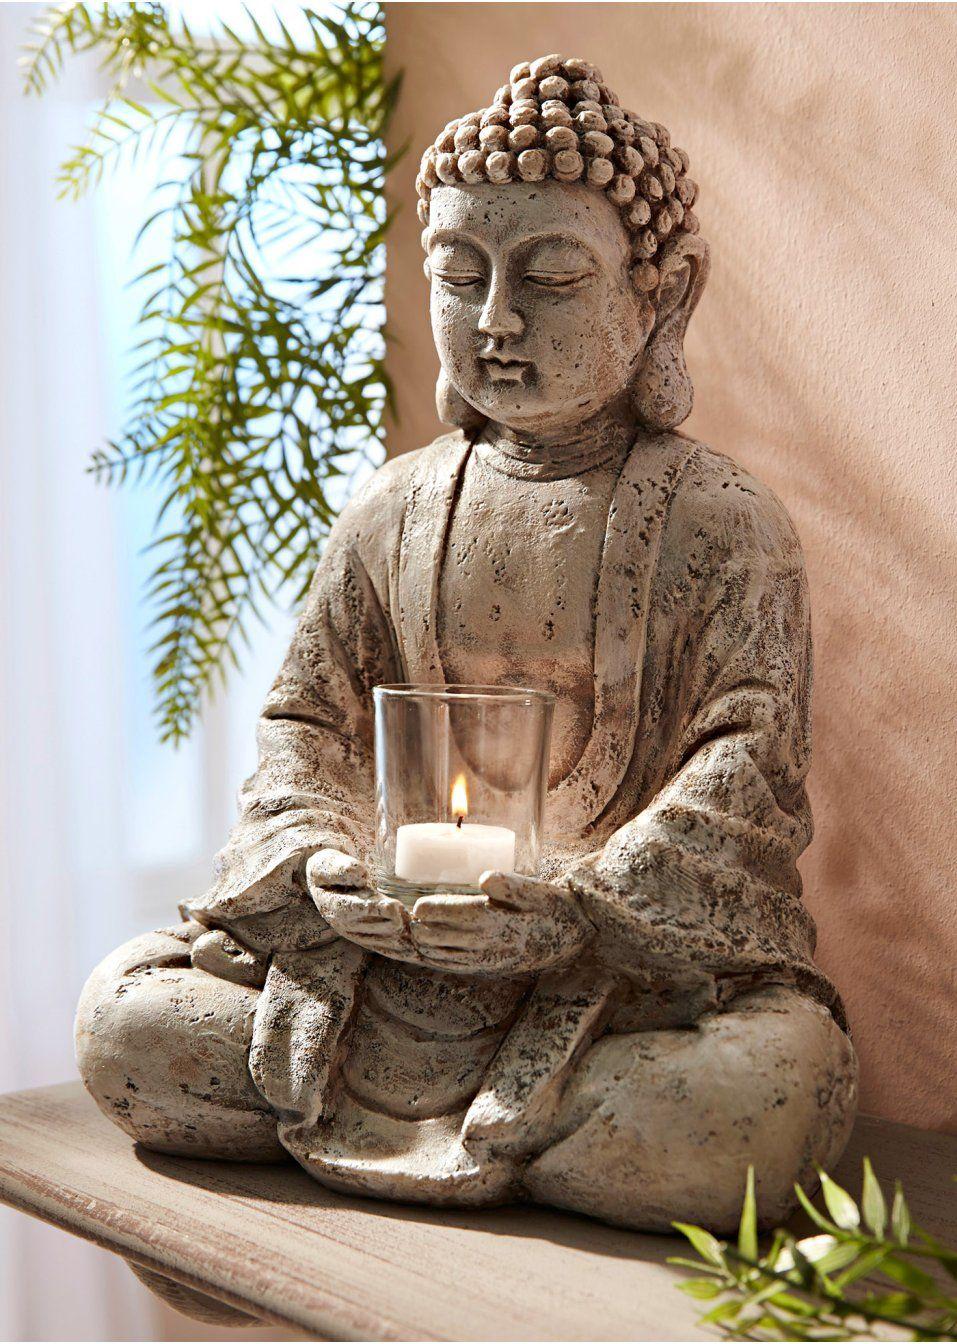 Deko-Figur Buddha mit Teelichthalter  Buddha deko, Buddha